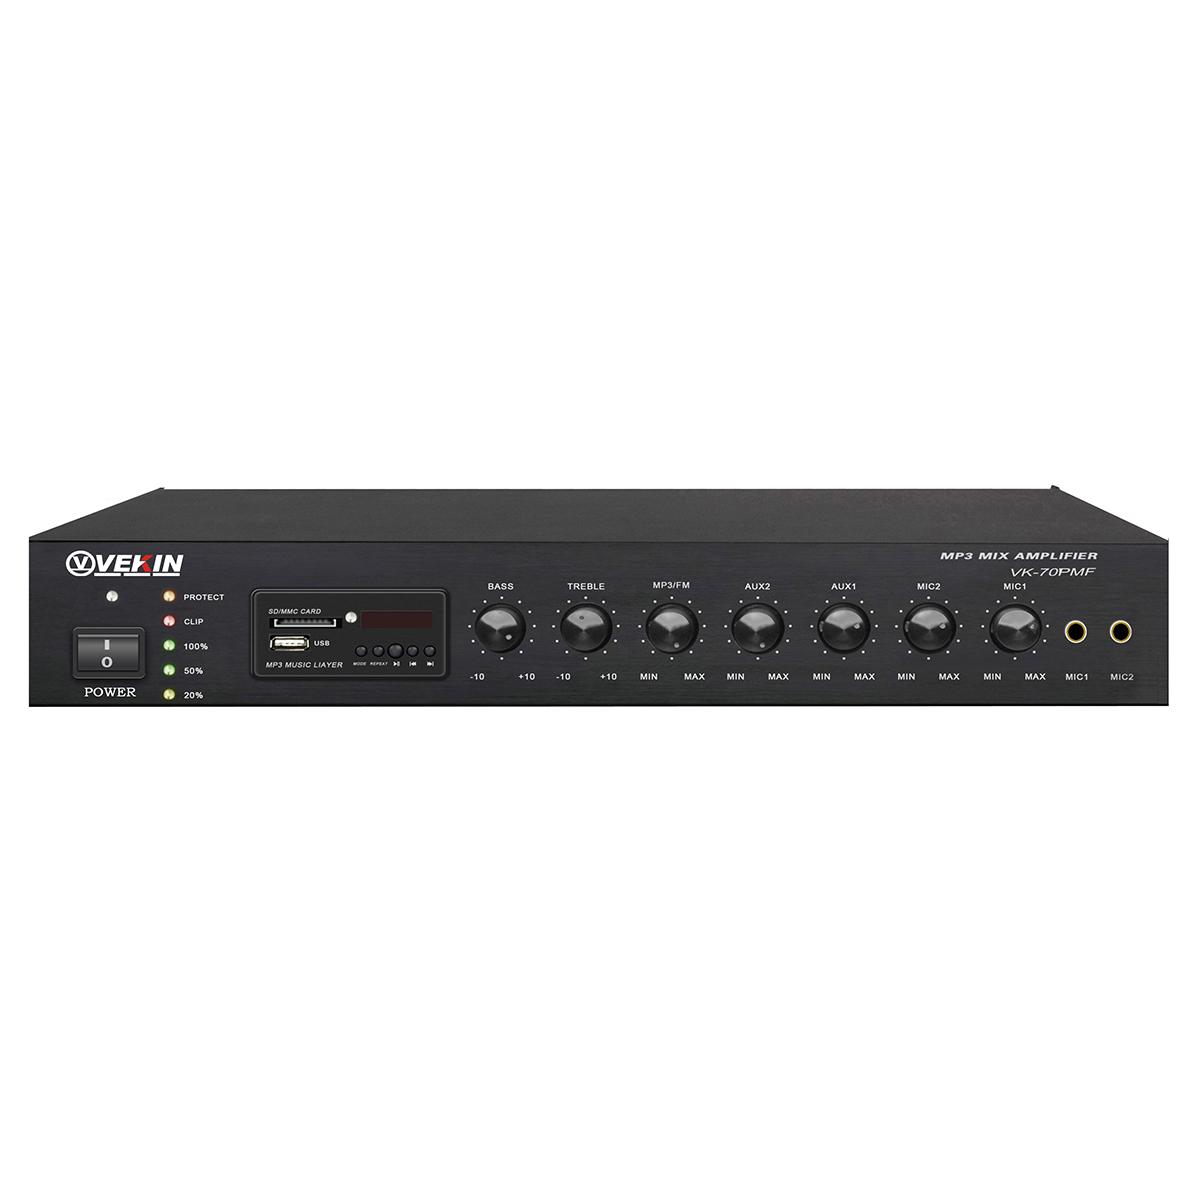 带收音机/MP3合并式功放VK-70PMF VK-120PMF VK-240PMF VK-360PMF VK-500PMF